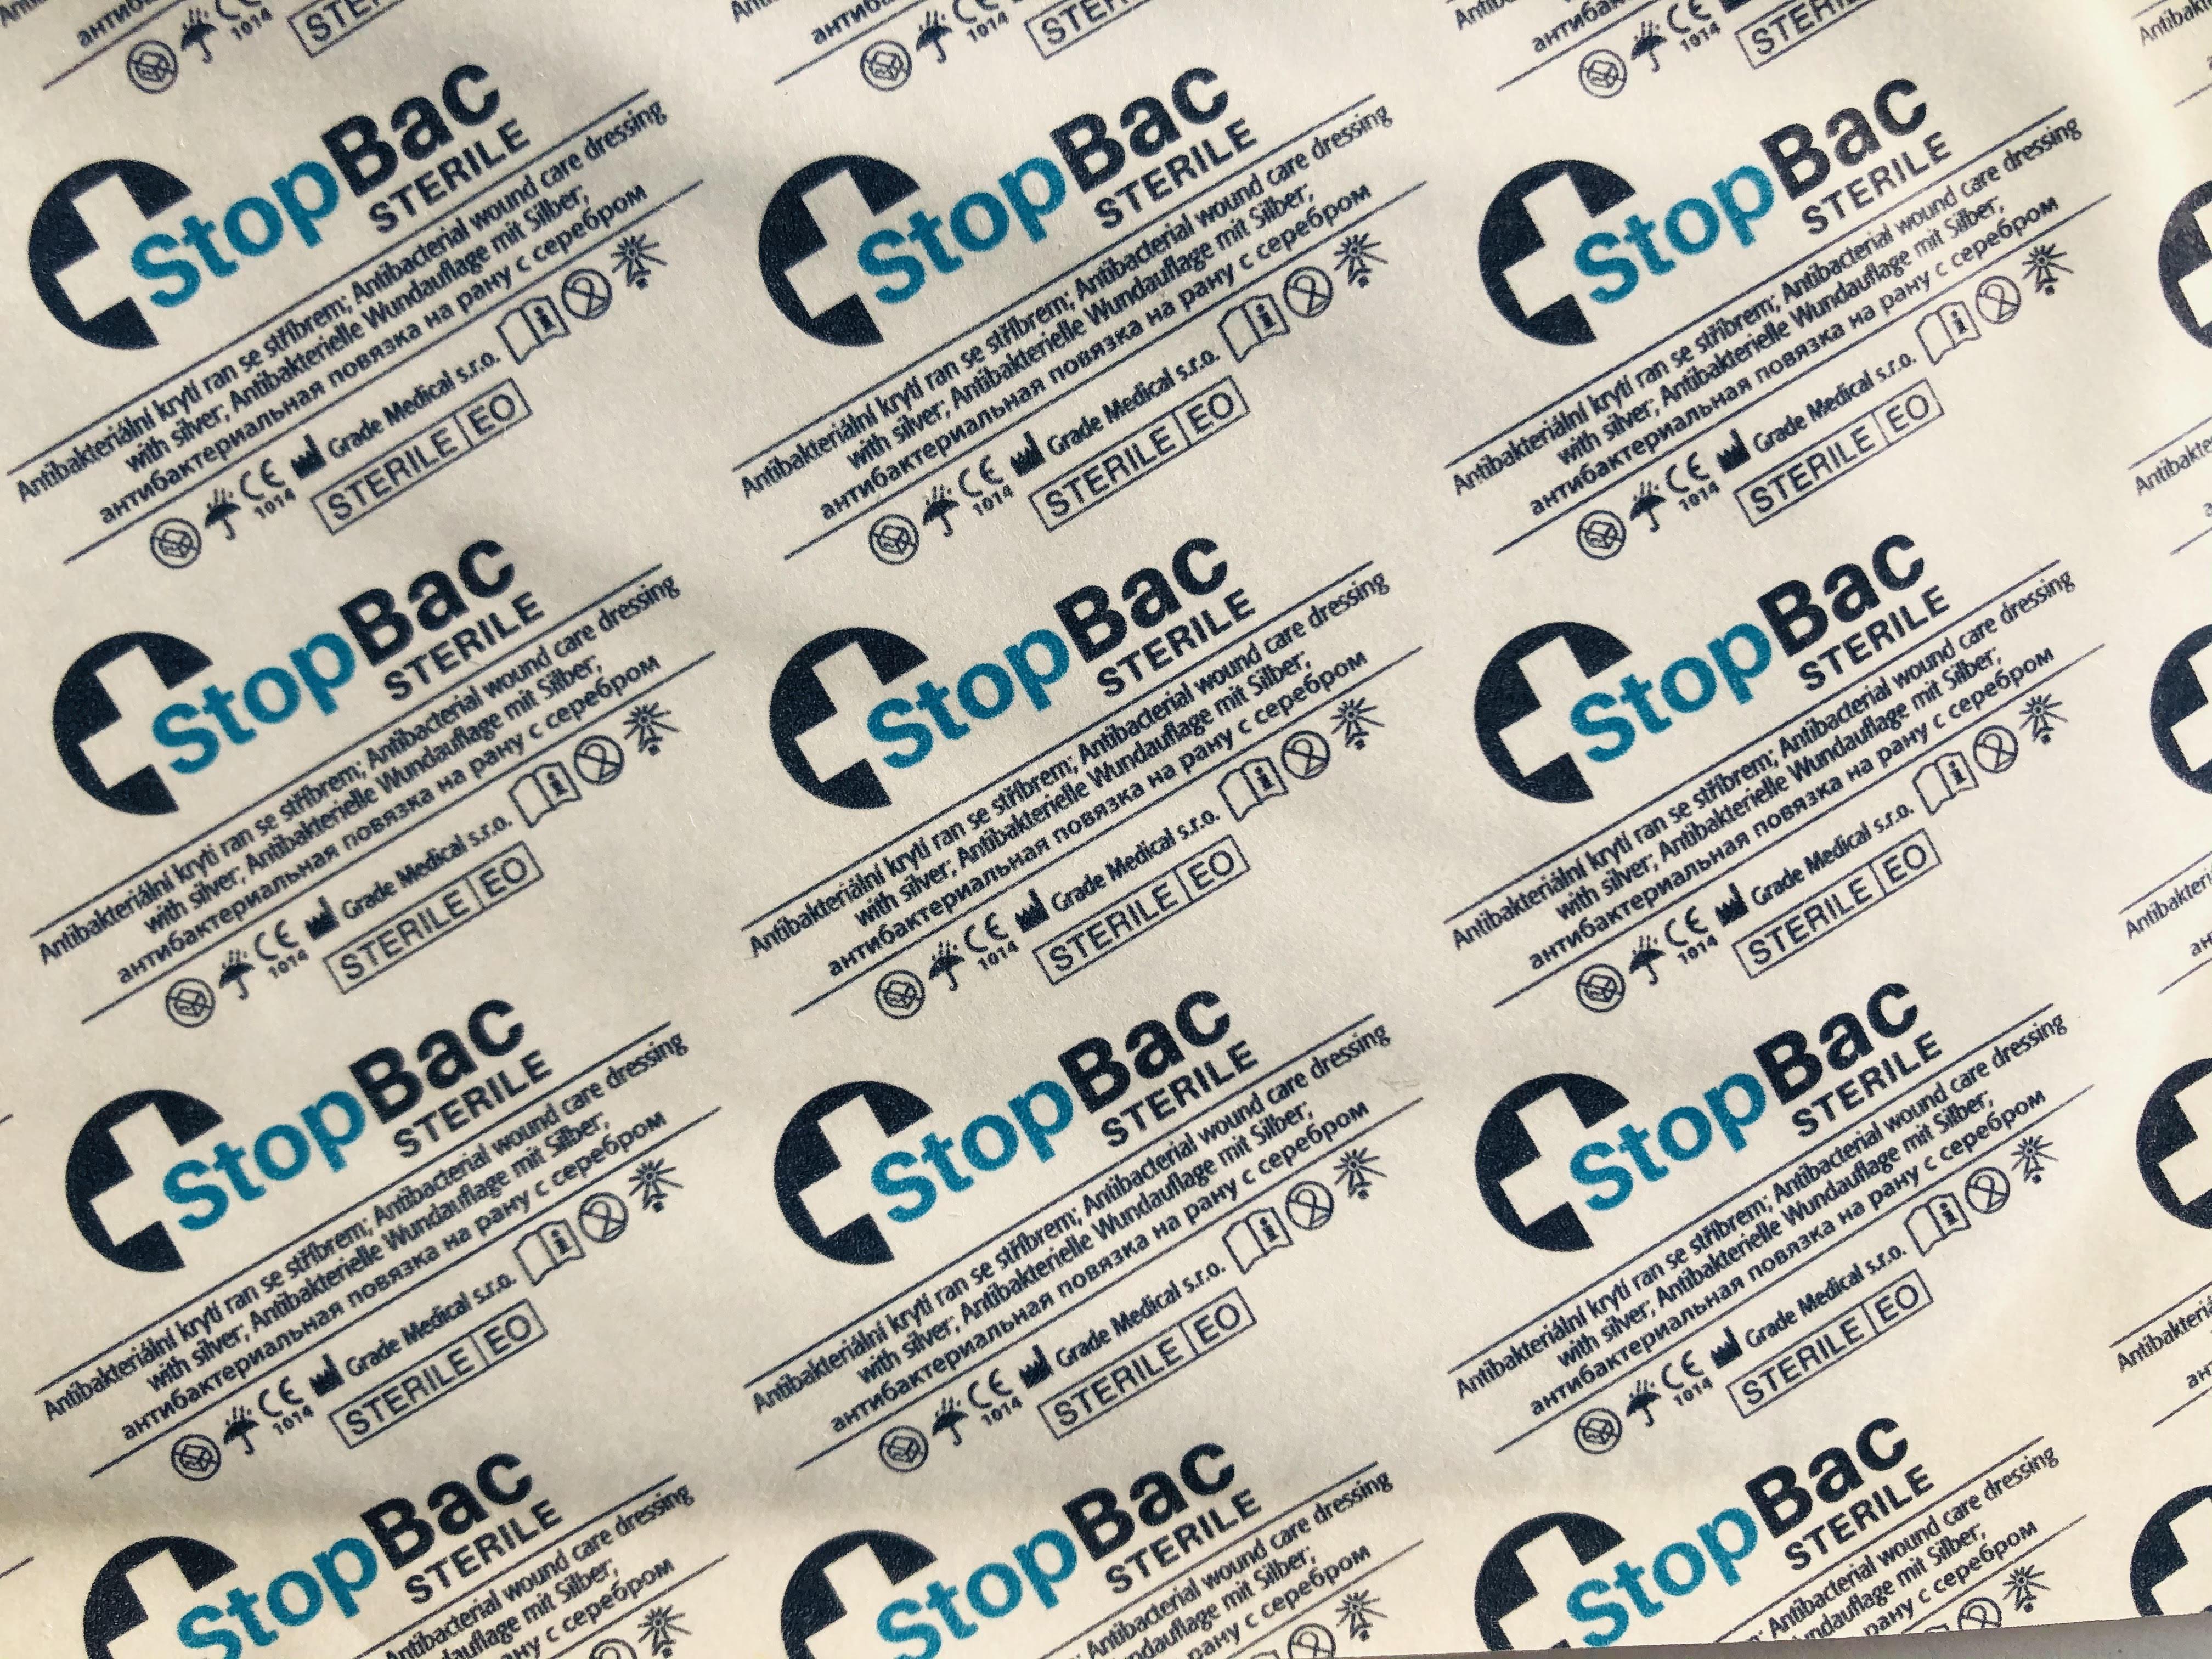 Léčba a hojení ran s antibakteriálním krytím StopBac